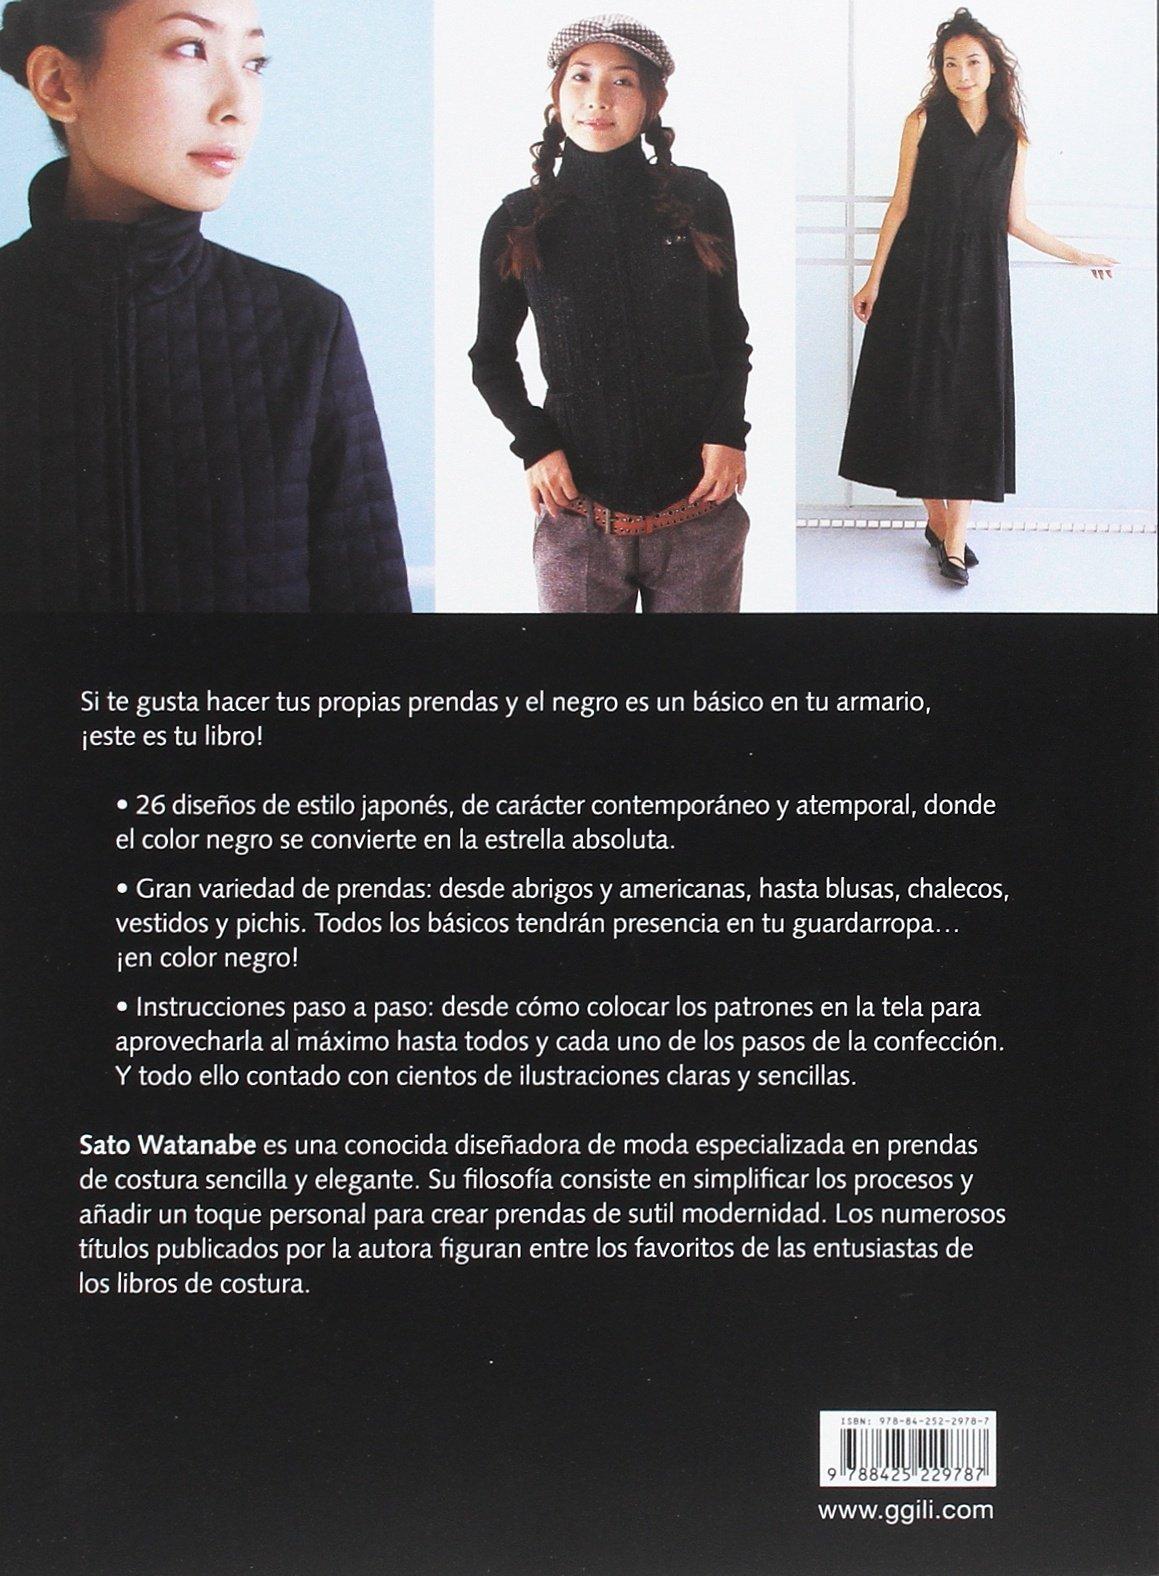 Negro básico: 26 modelos para el guardarropa contemporáneo: Sato Watanabe: 9788425229787: Amazon.com: Books